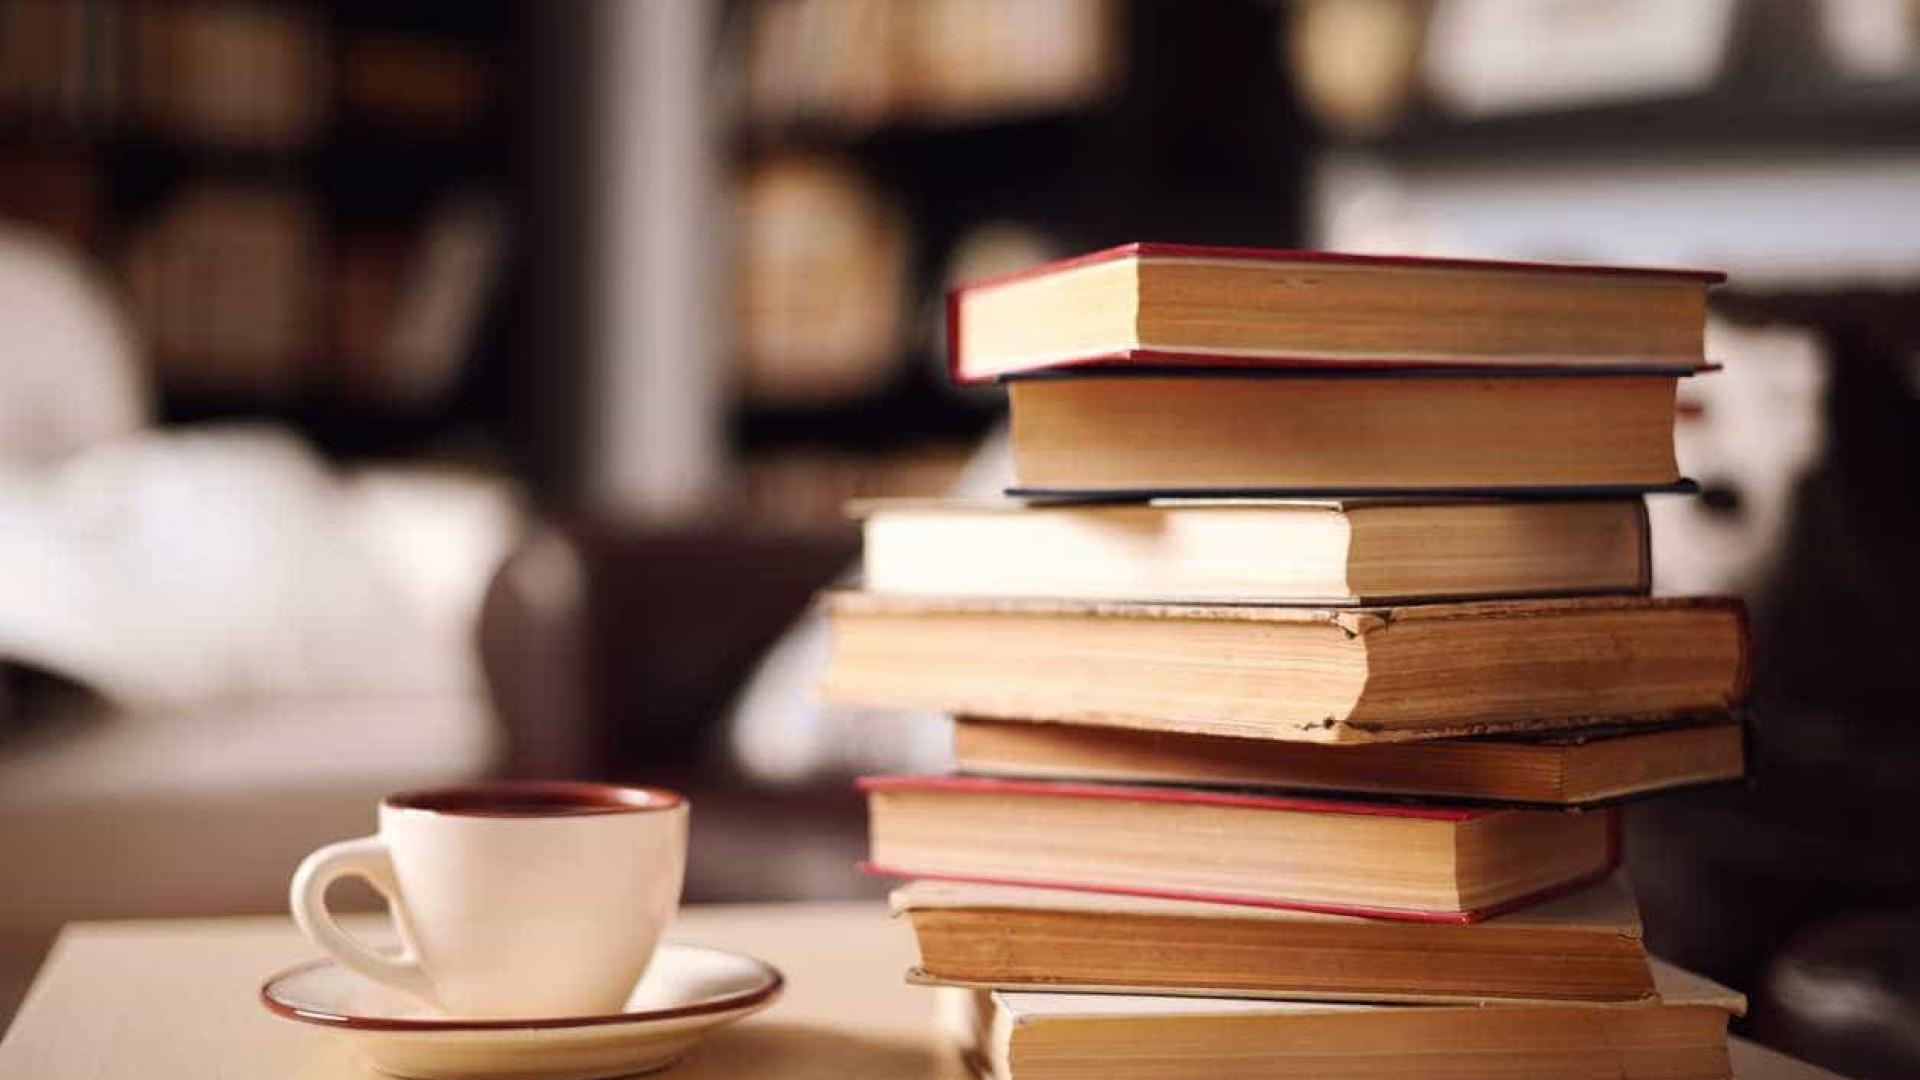 Vencedor do Prémio LeYa de Literatura é conhecido na próxima semana